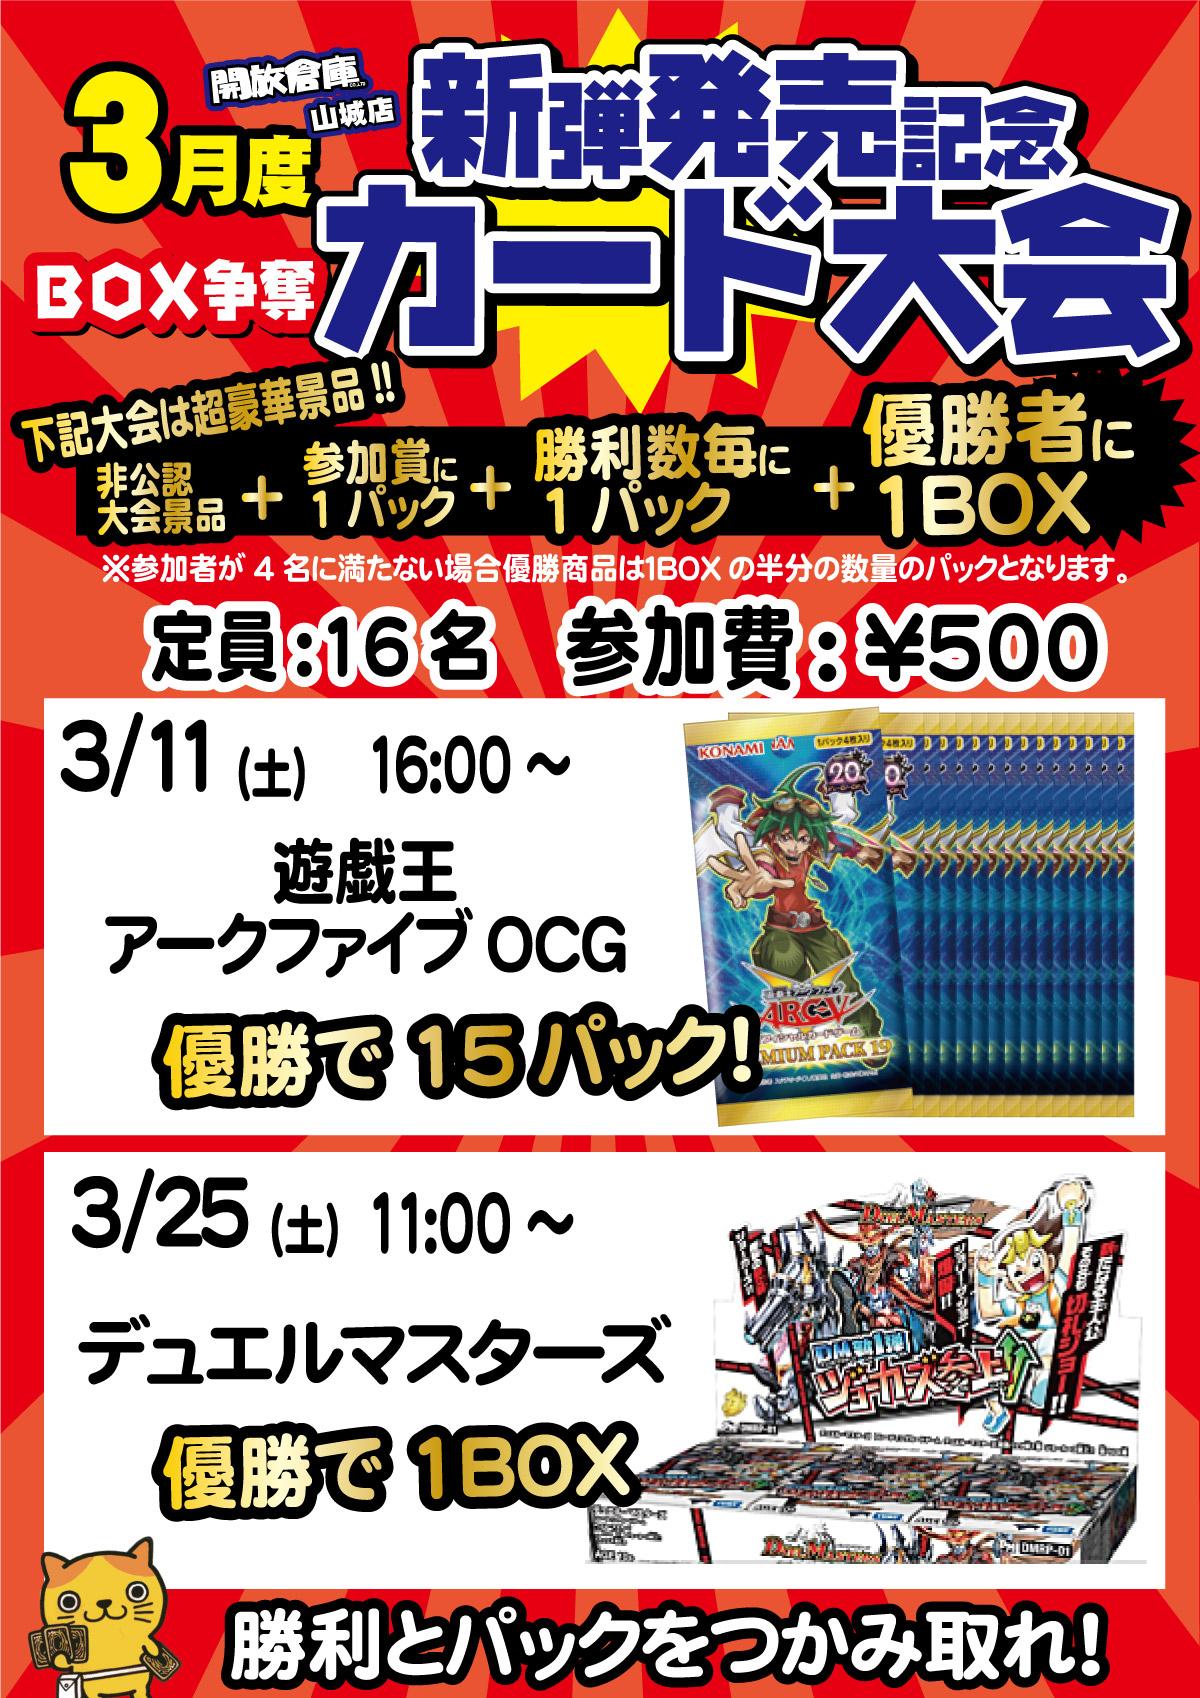 「開放倉庫山城店」2017年3月度、BOX争奪新弾発売記念カード大会告知!